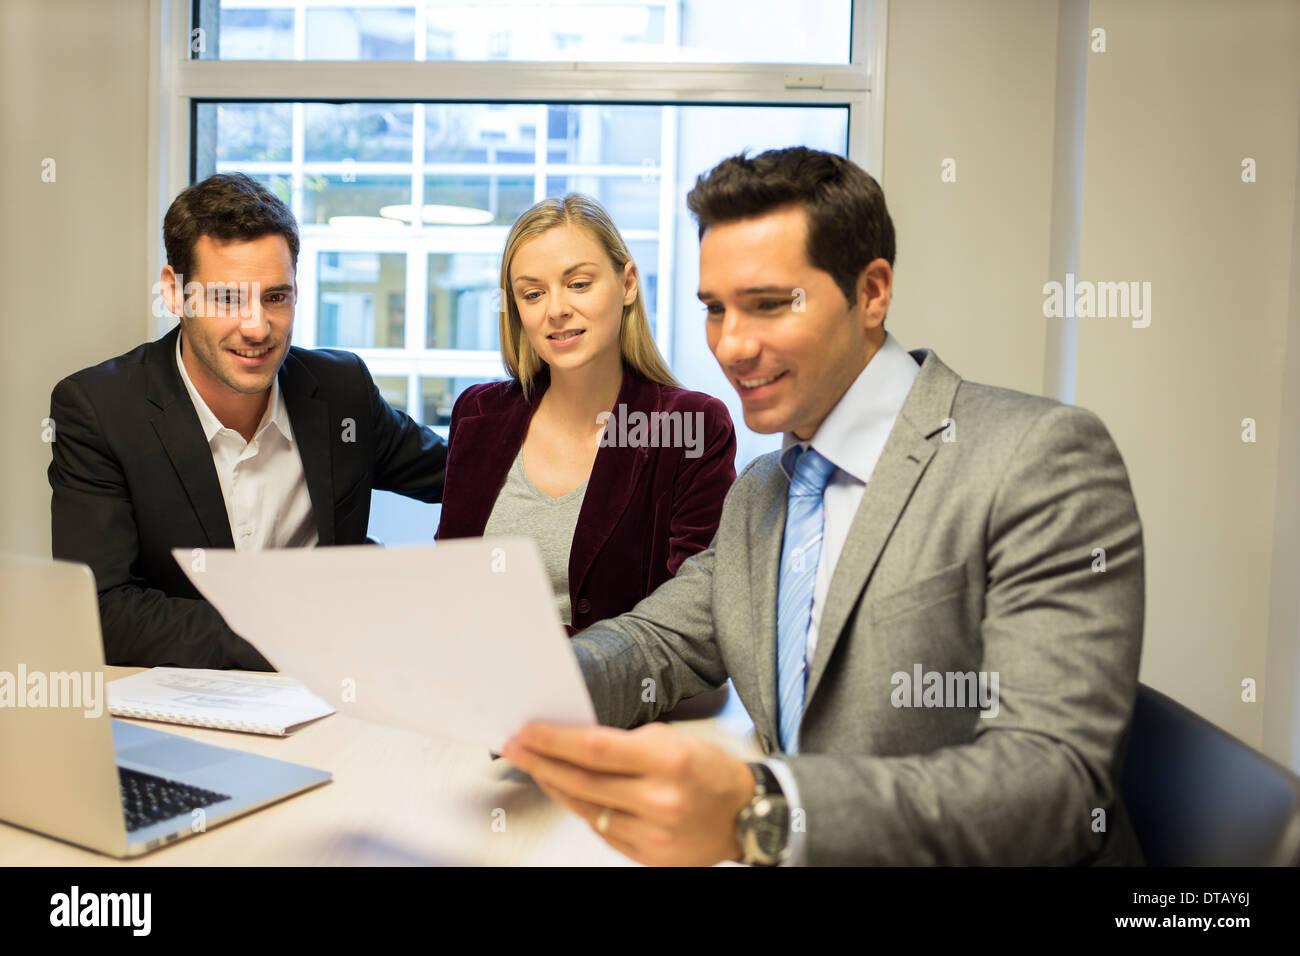 Mostrando inmobiliaria contrato en pareja joven, los nuevos propietarios Imagen De Stock